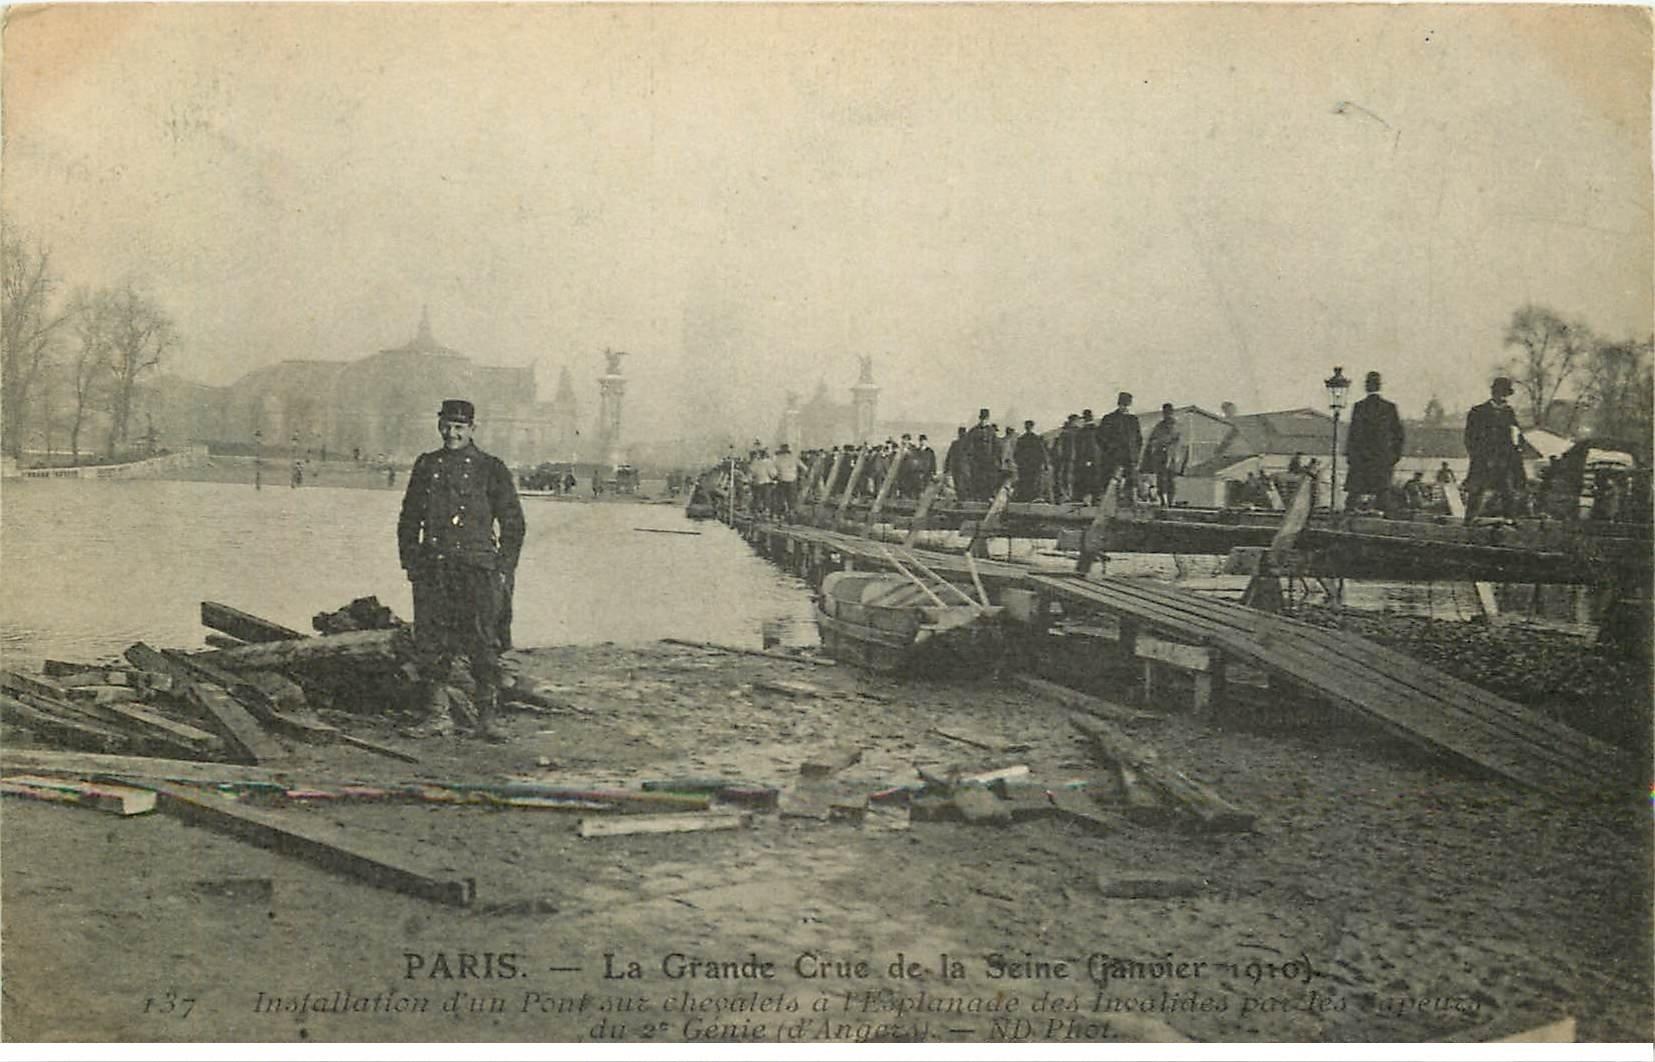 INONDATION DE PARIS 1910. Pont sur chevalets Esplanade des Invalides